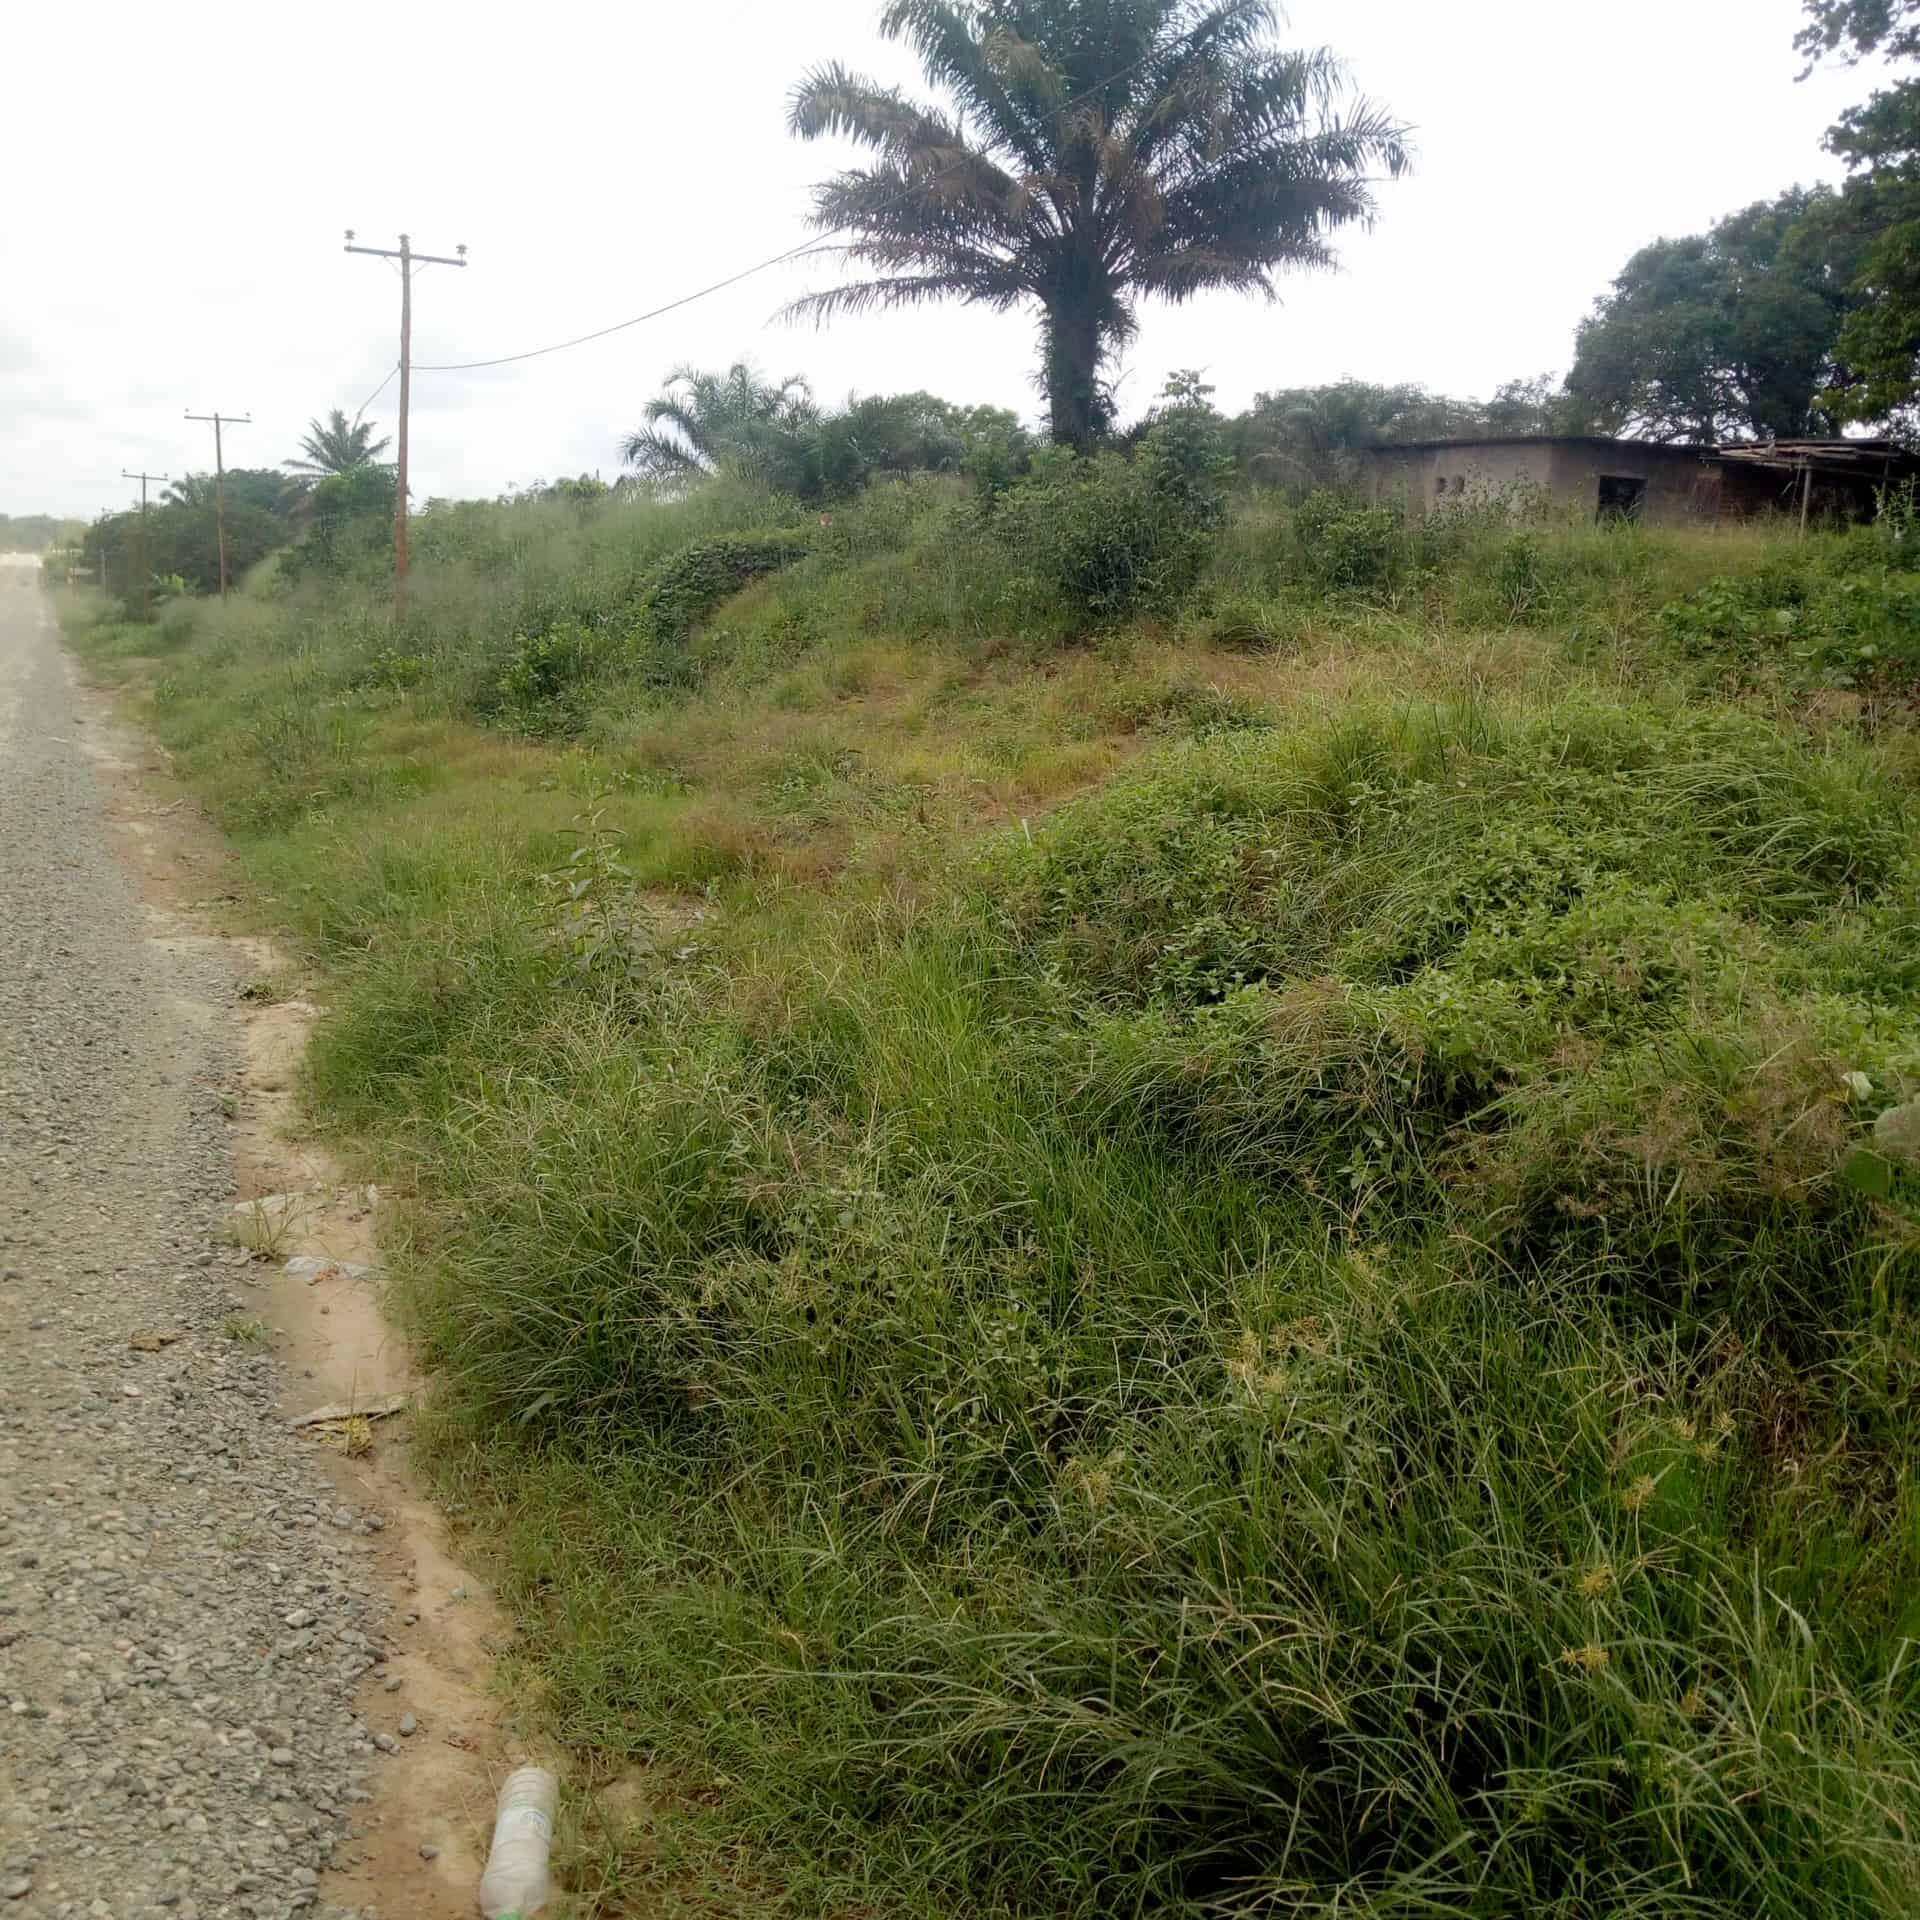 Land for sale at Douala, PK 26, Pk26 - 1000 m2 - 7 000 000 FCFA